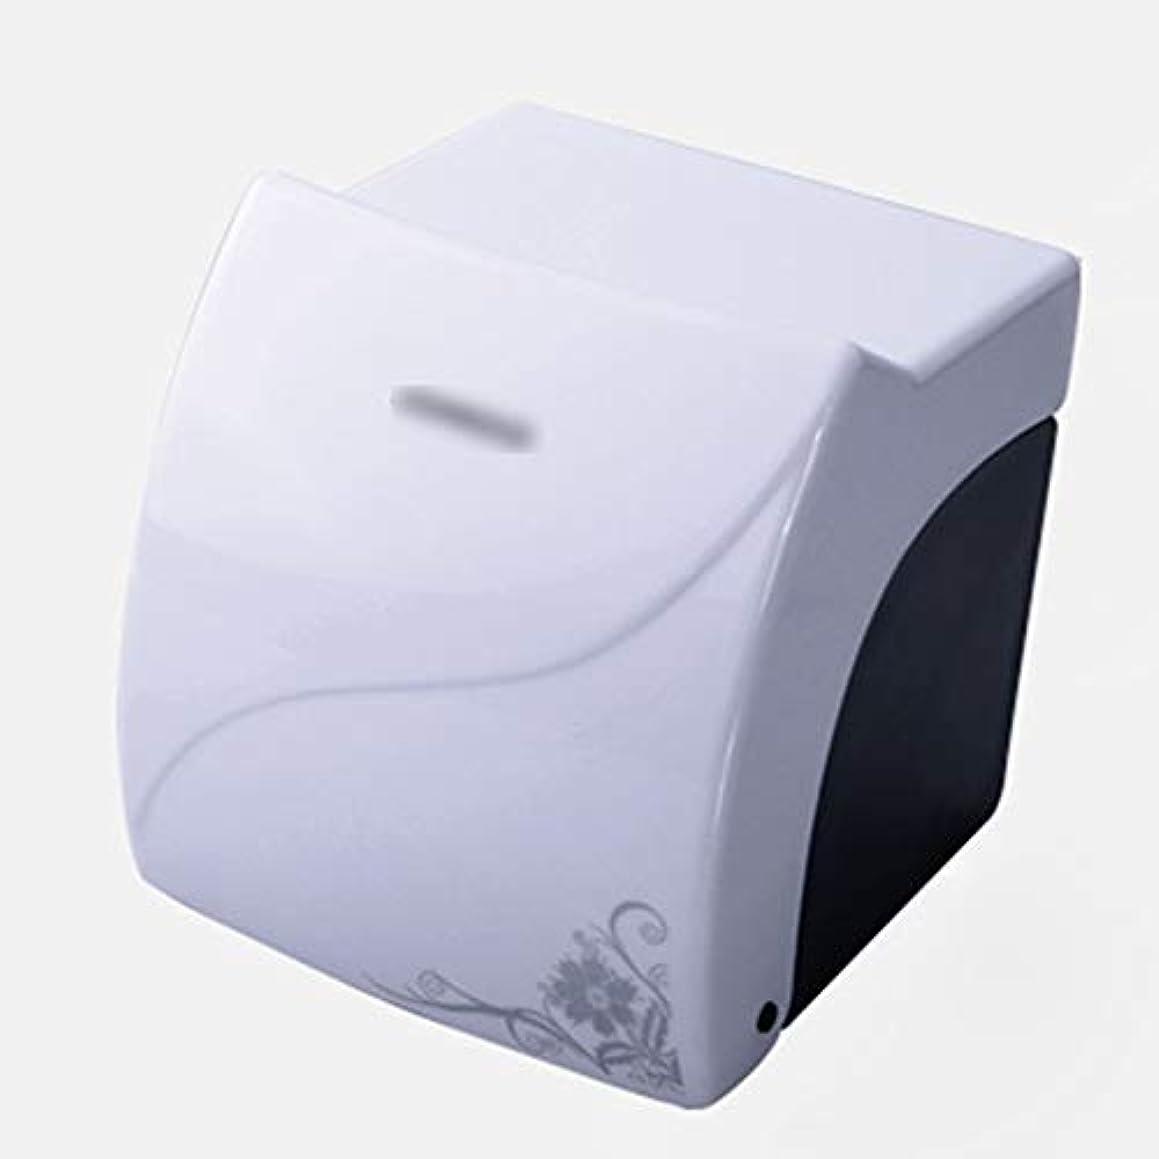 形容詞ジョグ兵器庫ZZLX 紙タオルホルダー、高品質ABS防水ティッシュボックストイレットペーパーボックスペーパーホルダー ロングハンドル風呂ブラシ